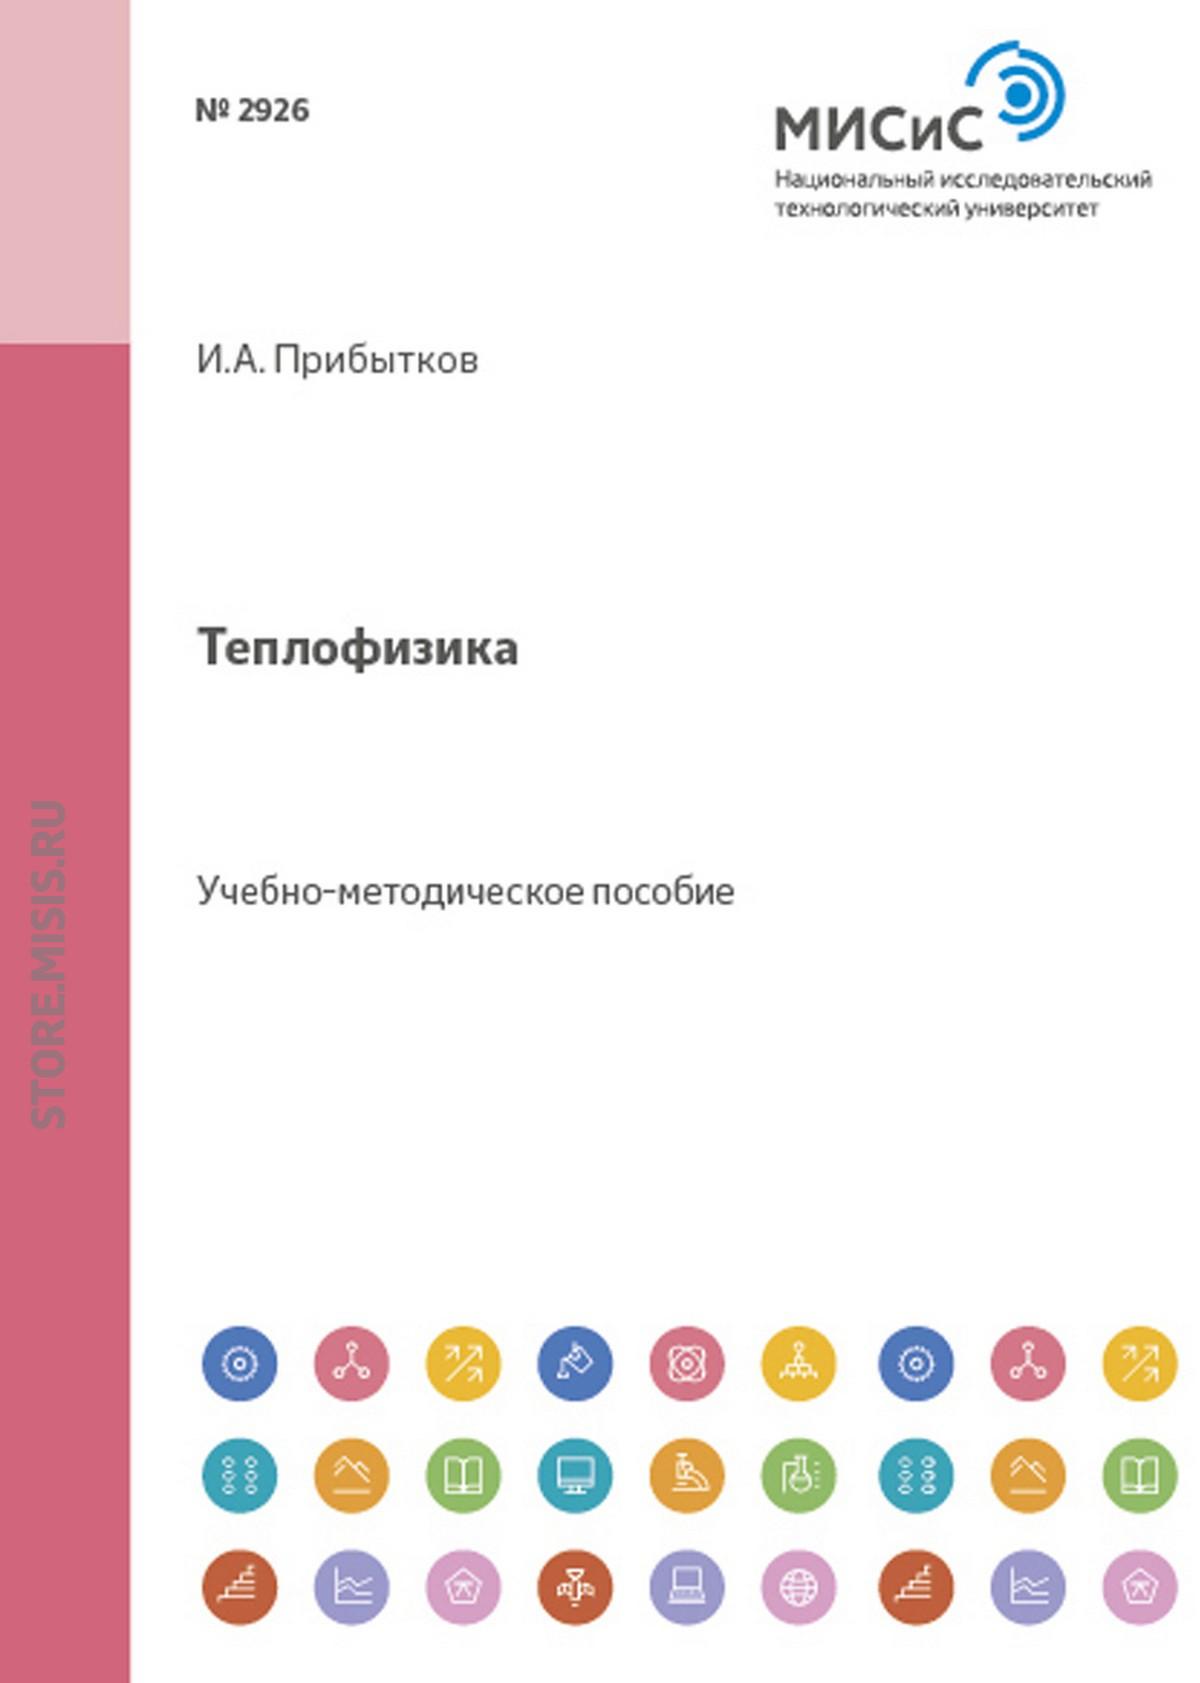 Иван Прибытков Теплофизика сергей крупенников теплофизика и теплотехника теплофизика